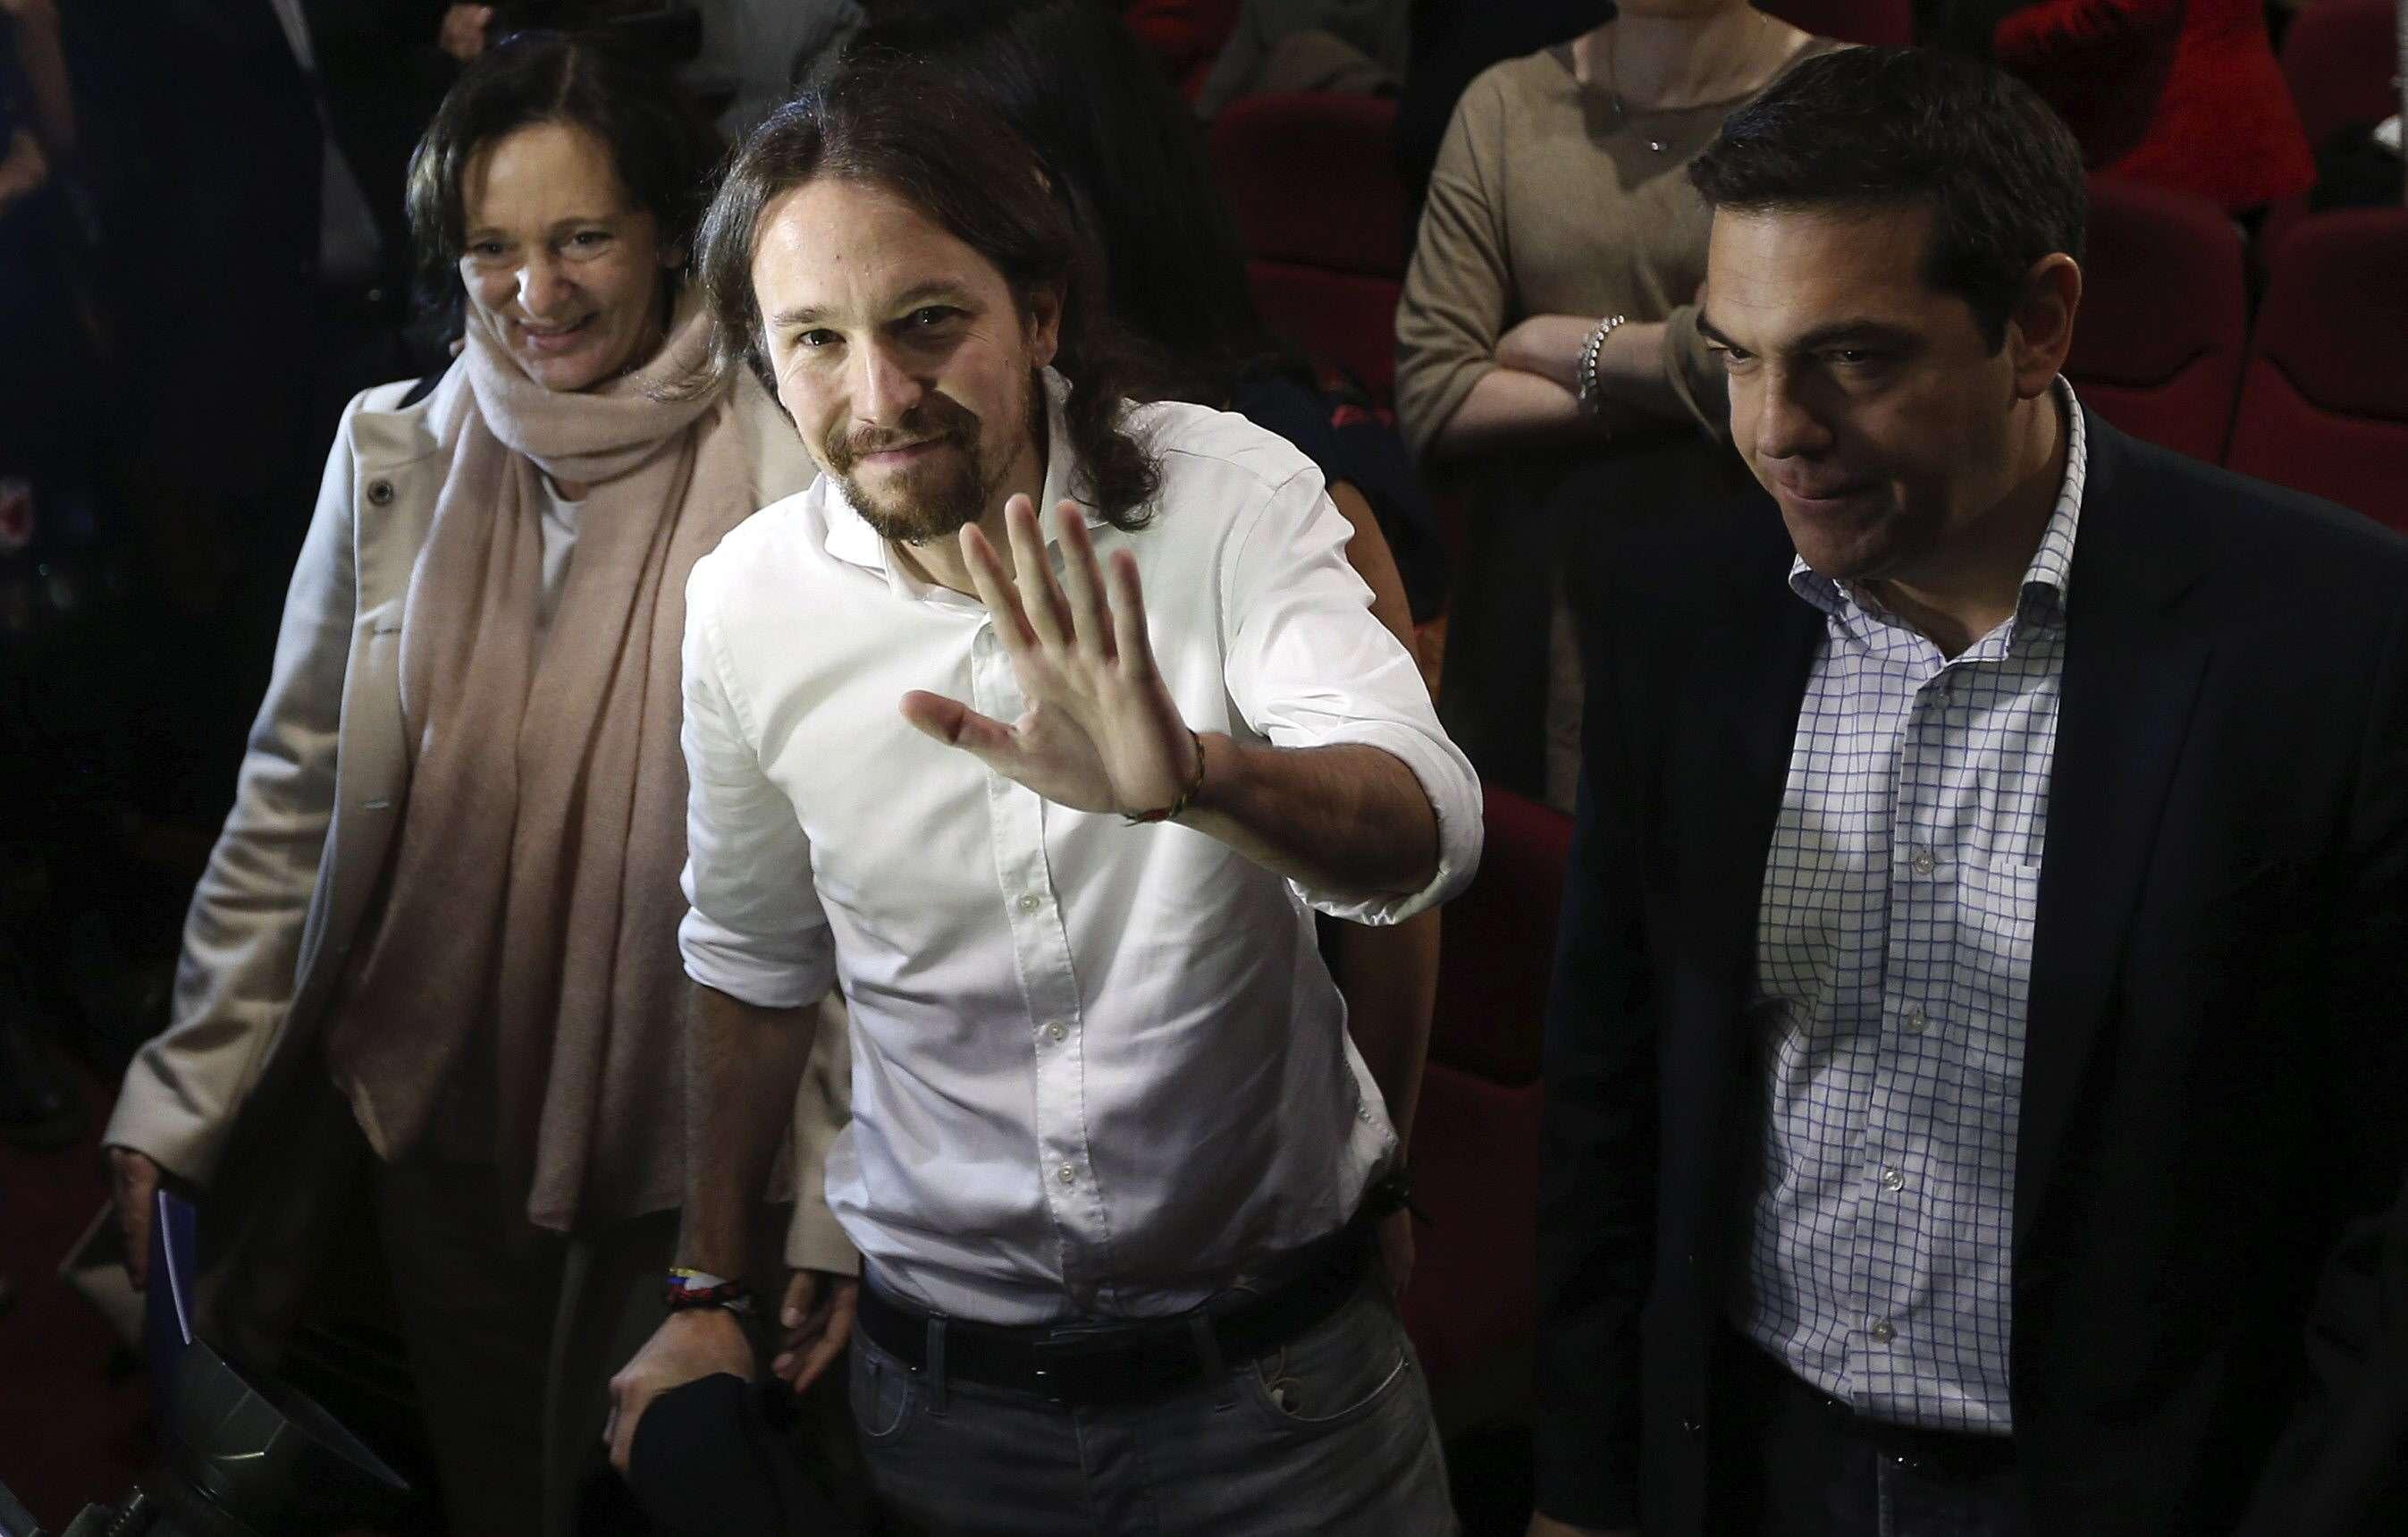 El líder de Podemos, Pablo Iglesias (c), junto al dirigente del partido izquierdista griego Syriza, Alexis Tsipras (d), a su llegada al congreso de Podemos en el que se han dado a conocer los resultados sobre las votaciones para el órgano estatal de esta formación, hoy en el Teatro Nuevo Apolo de Madrid. Foto: EFE en español